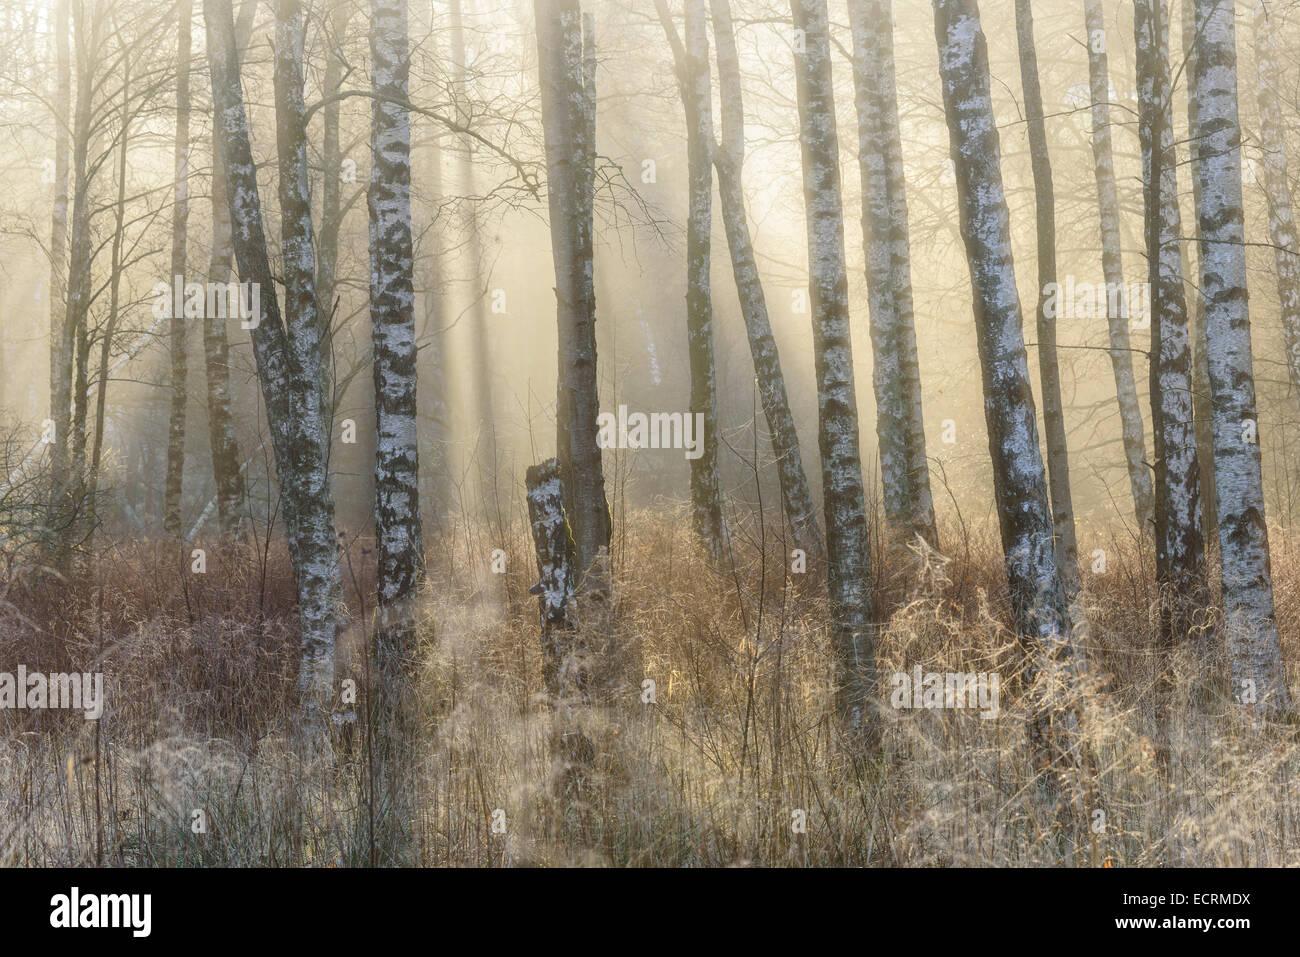 Di betulle e erba alta in un bosco nebbioso Immagini Stock